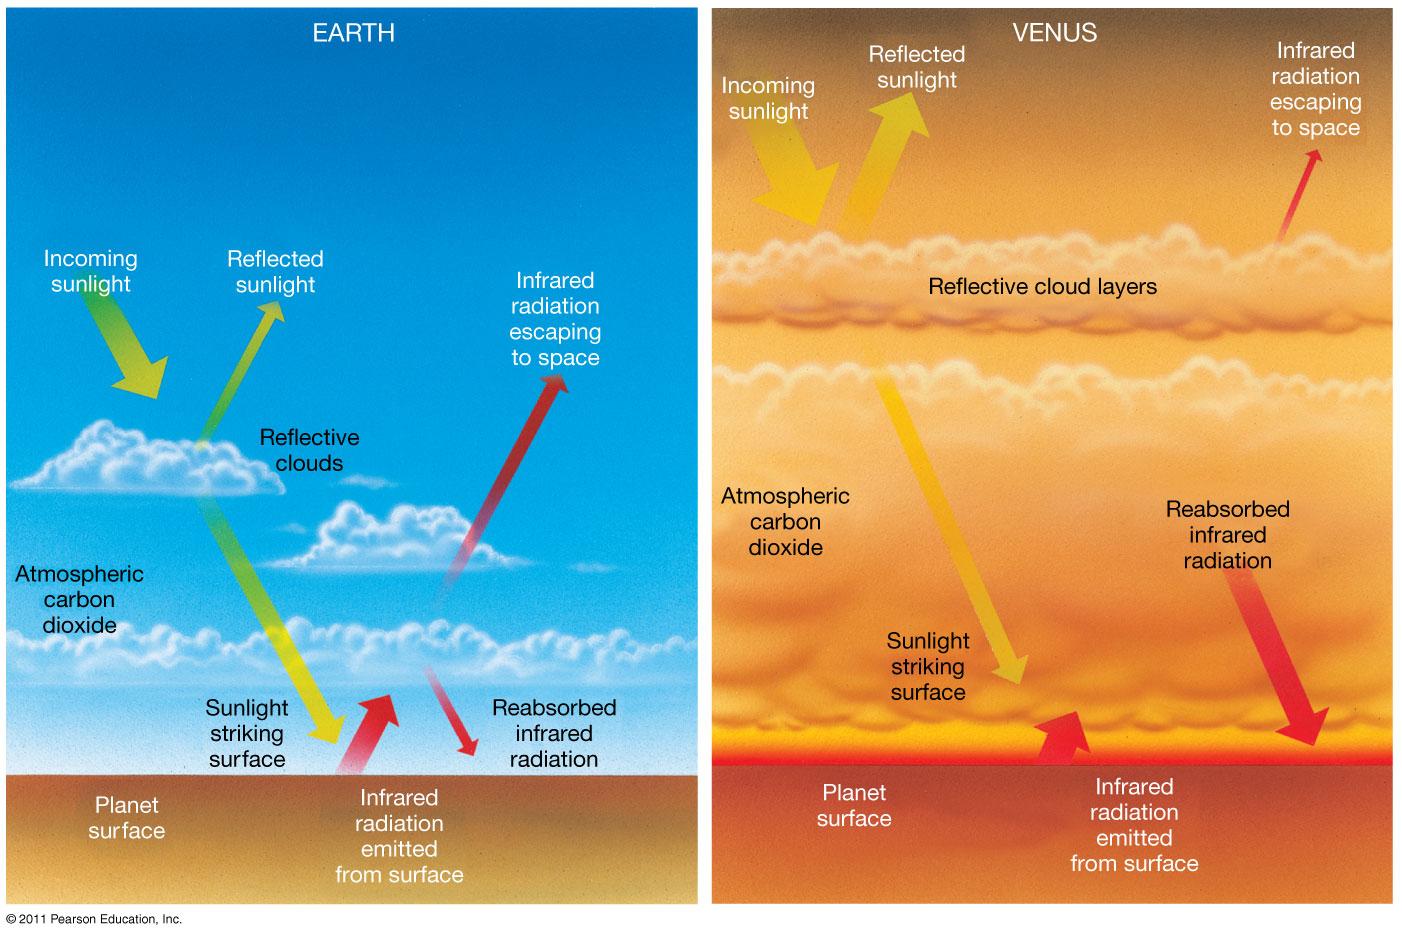 venus atmosphere vs earth atmosphere - HD1402×935